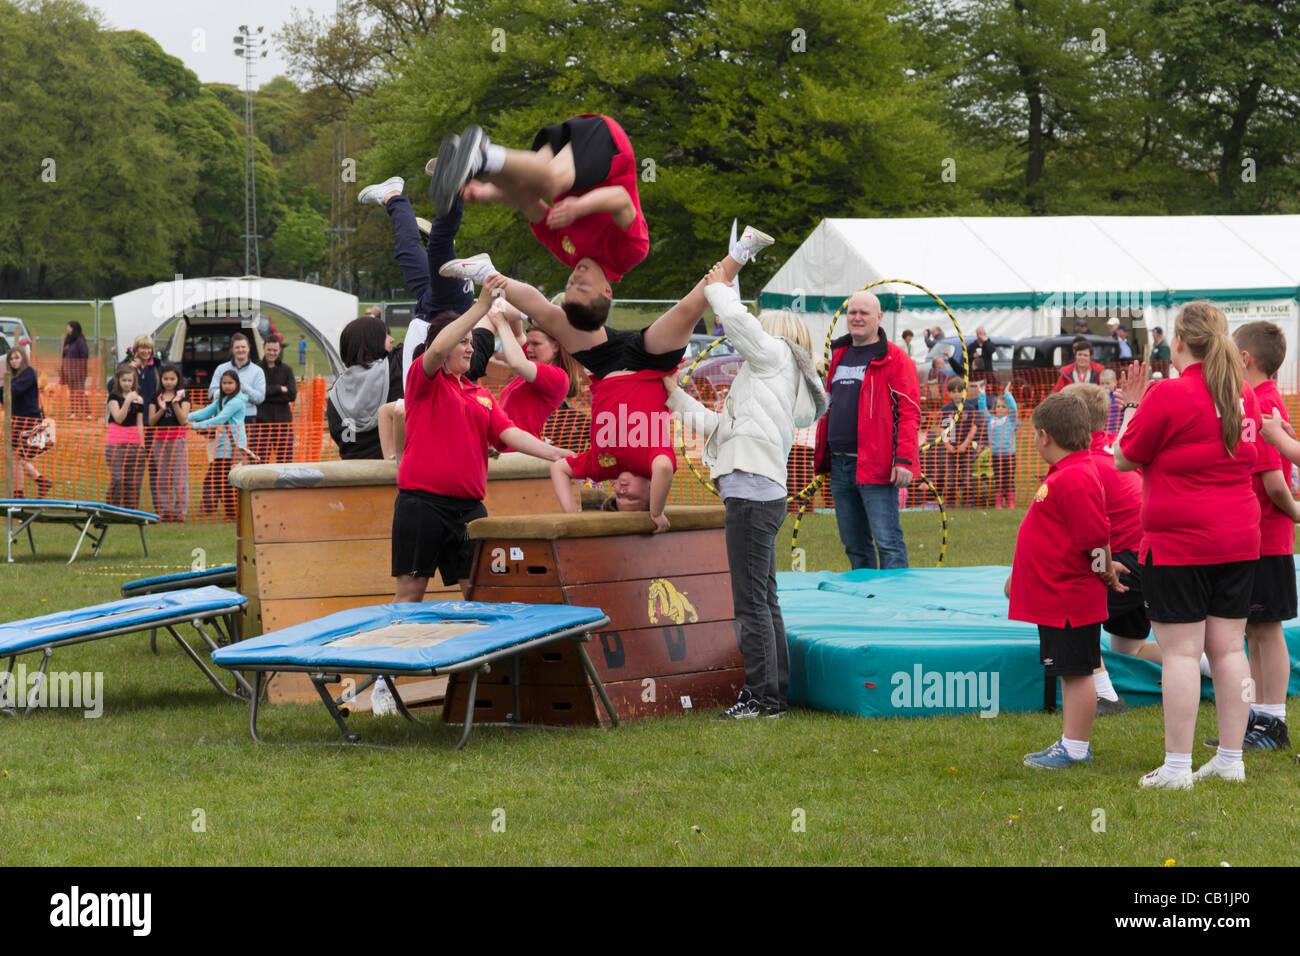 Dimanche 20 mai 2012, Witton Country Park, Blackburn en Angleterre. Les jeunes de l'après 5000 l'équipe Photo Stock